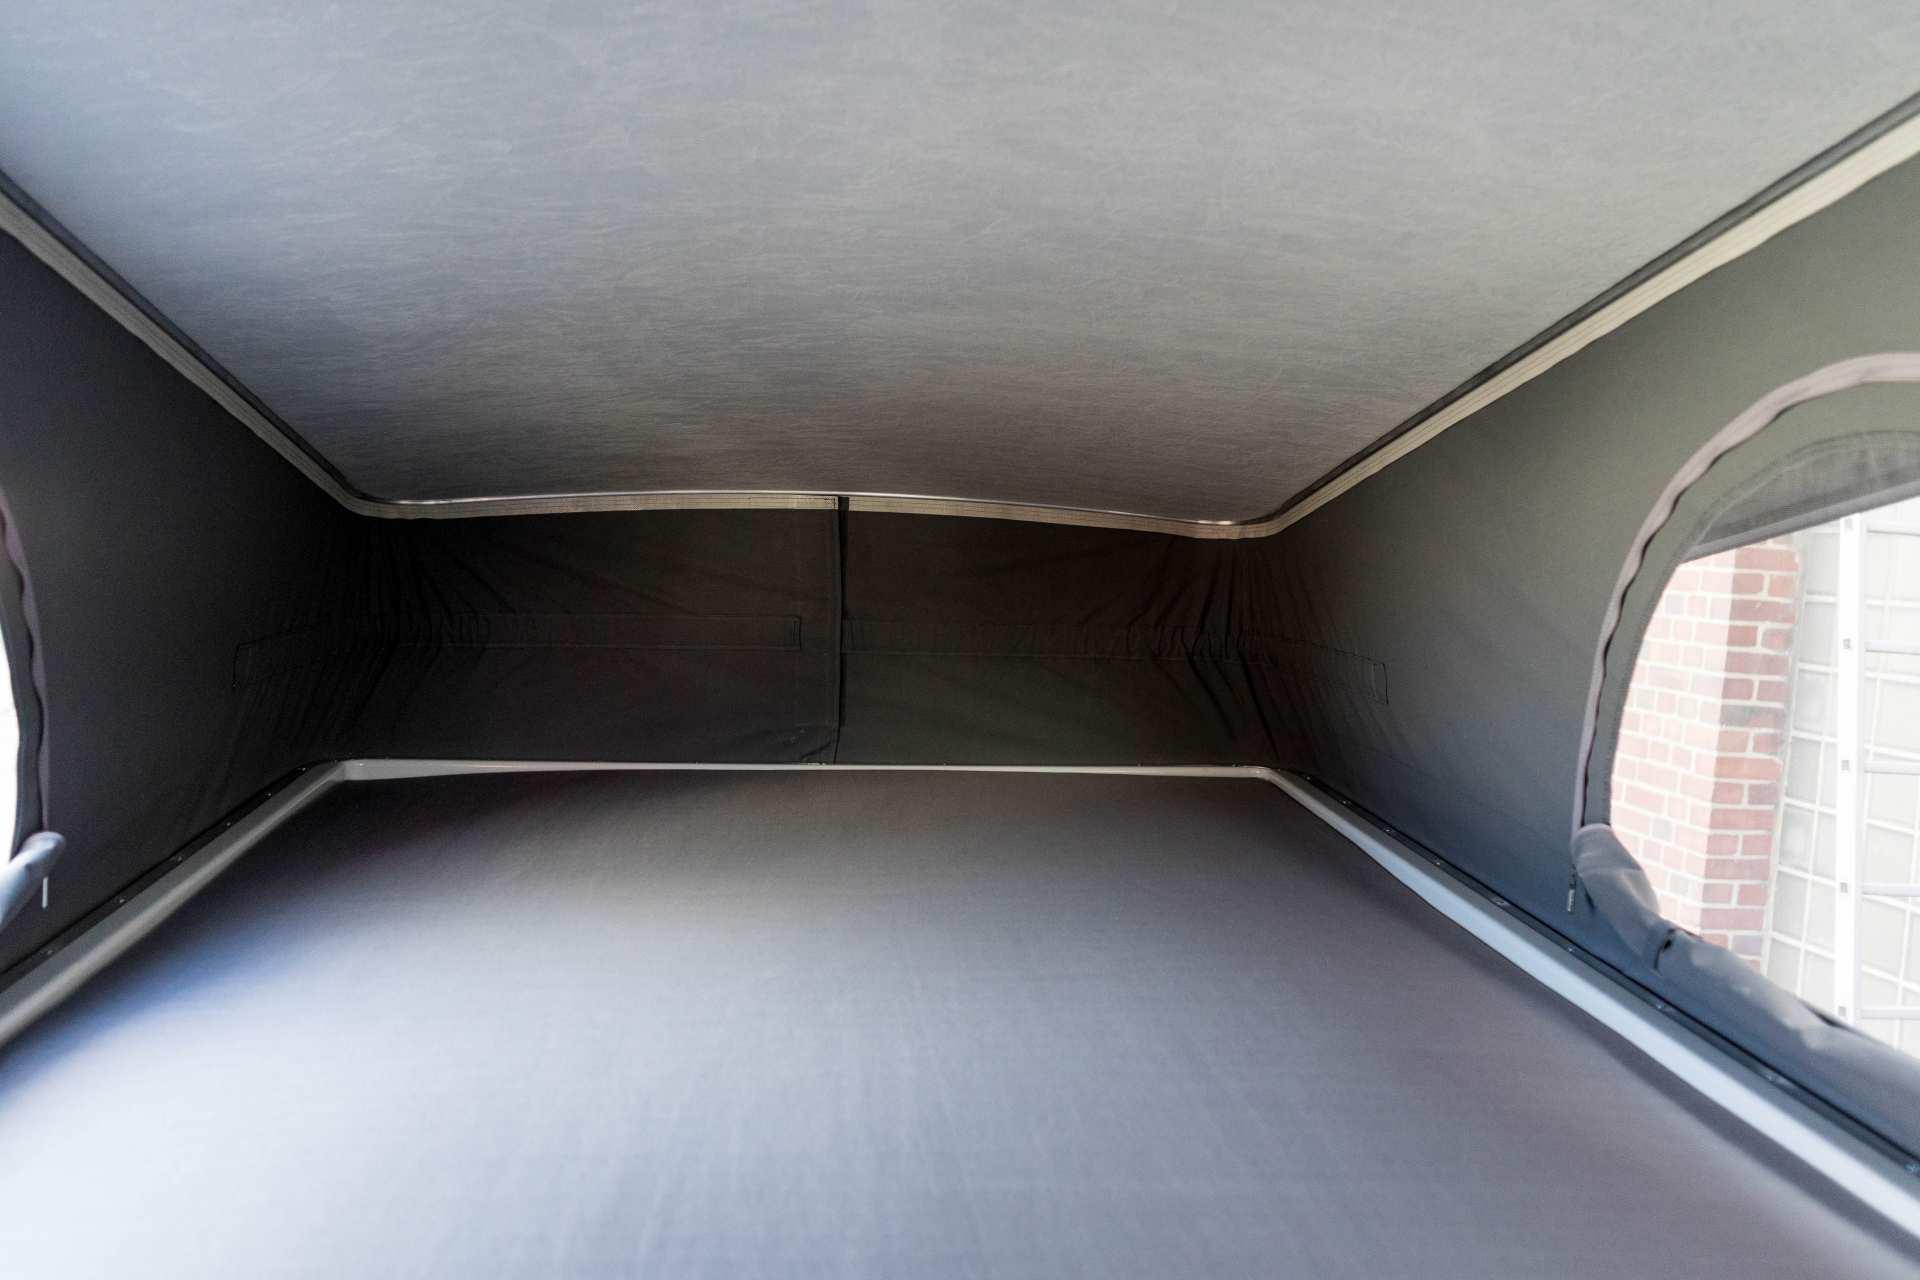 Aufstelldach: Fiat Ducato SCA Aufstelldach 212 - 10